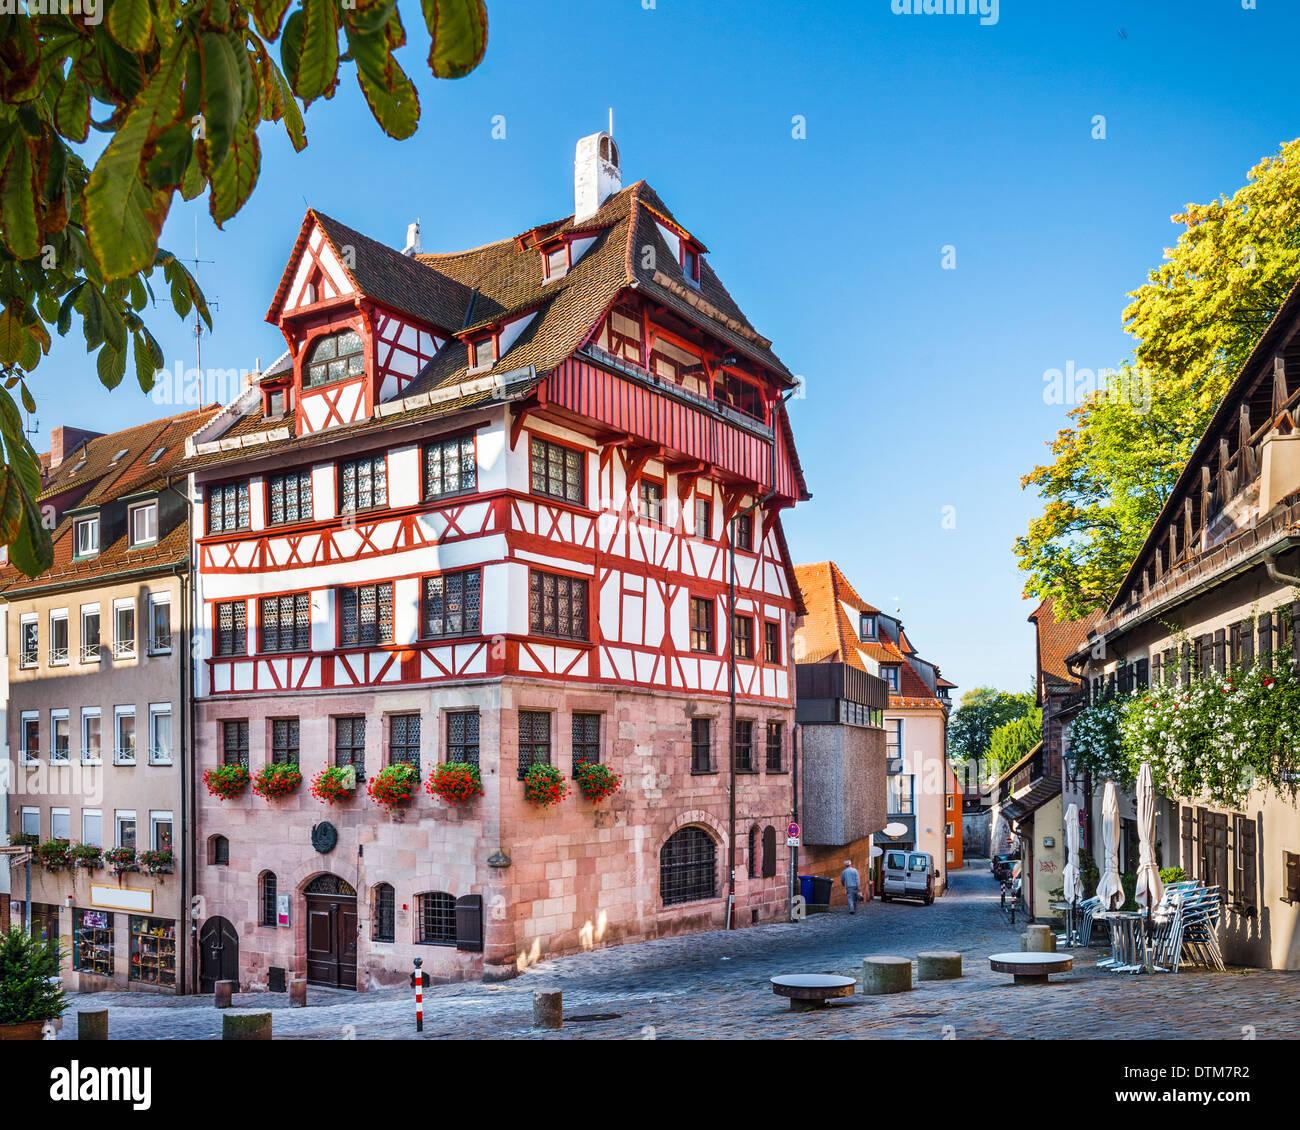 Nürnberg, Deutschland am historischen Albrecht Dürer Haus Stockfoto ...